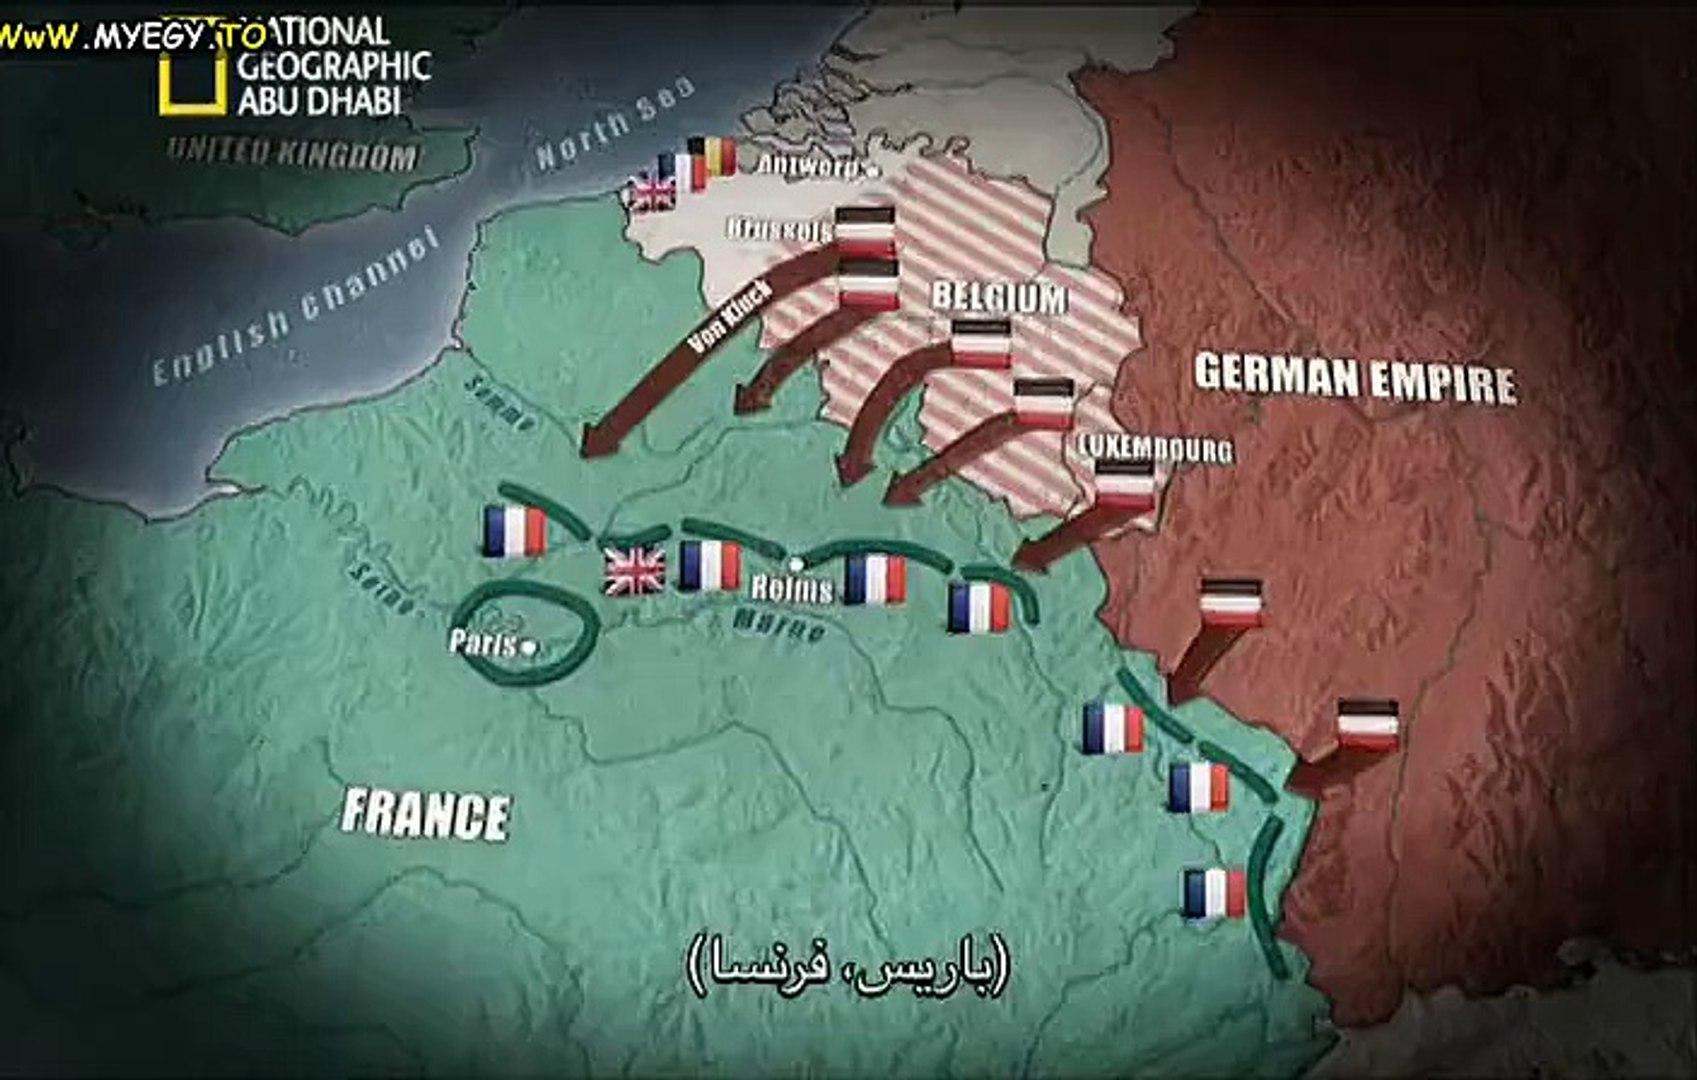 وثائقى أبُكاليبس الحرب العالمية الأولى الحلقة 2